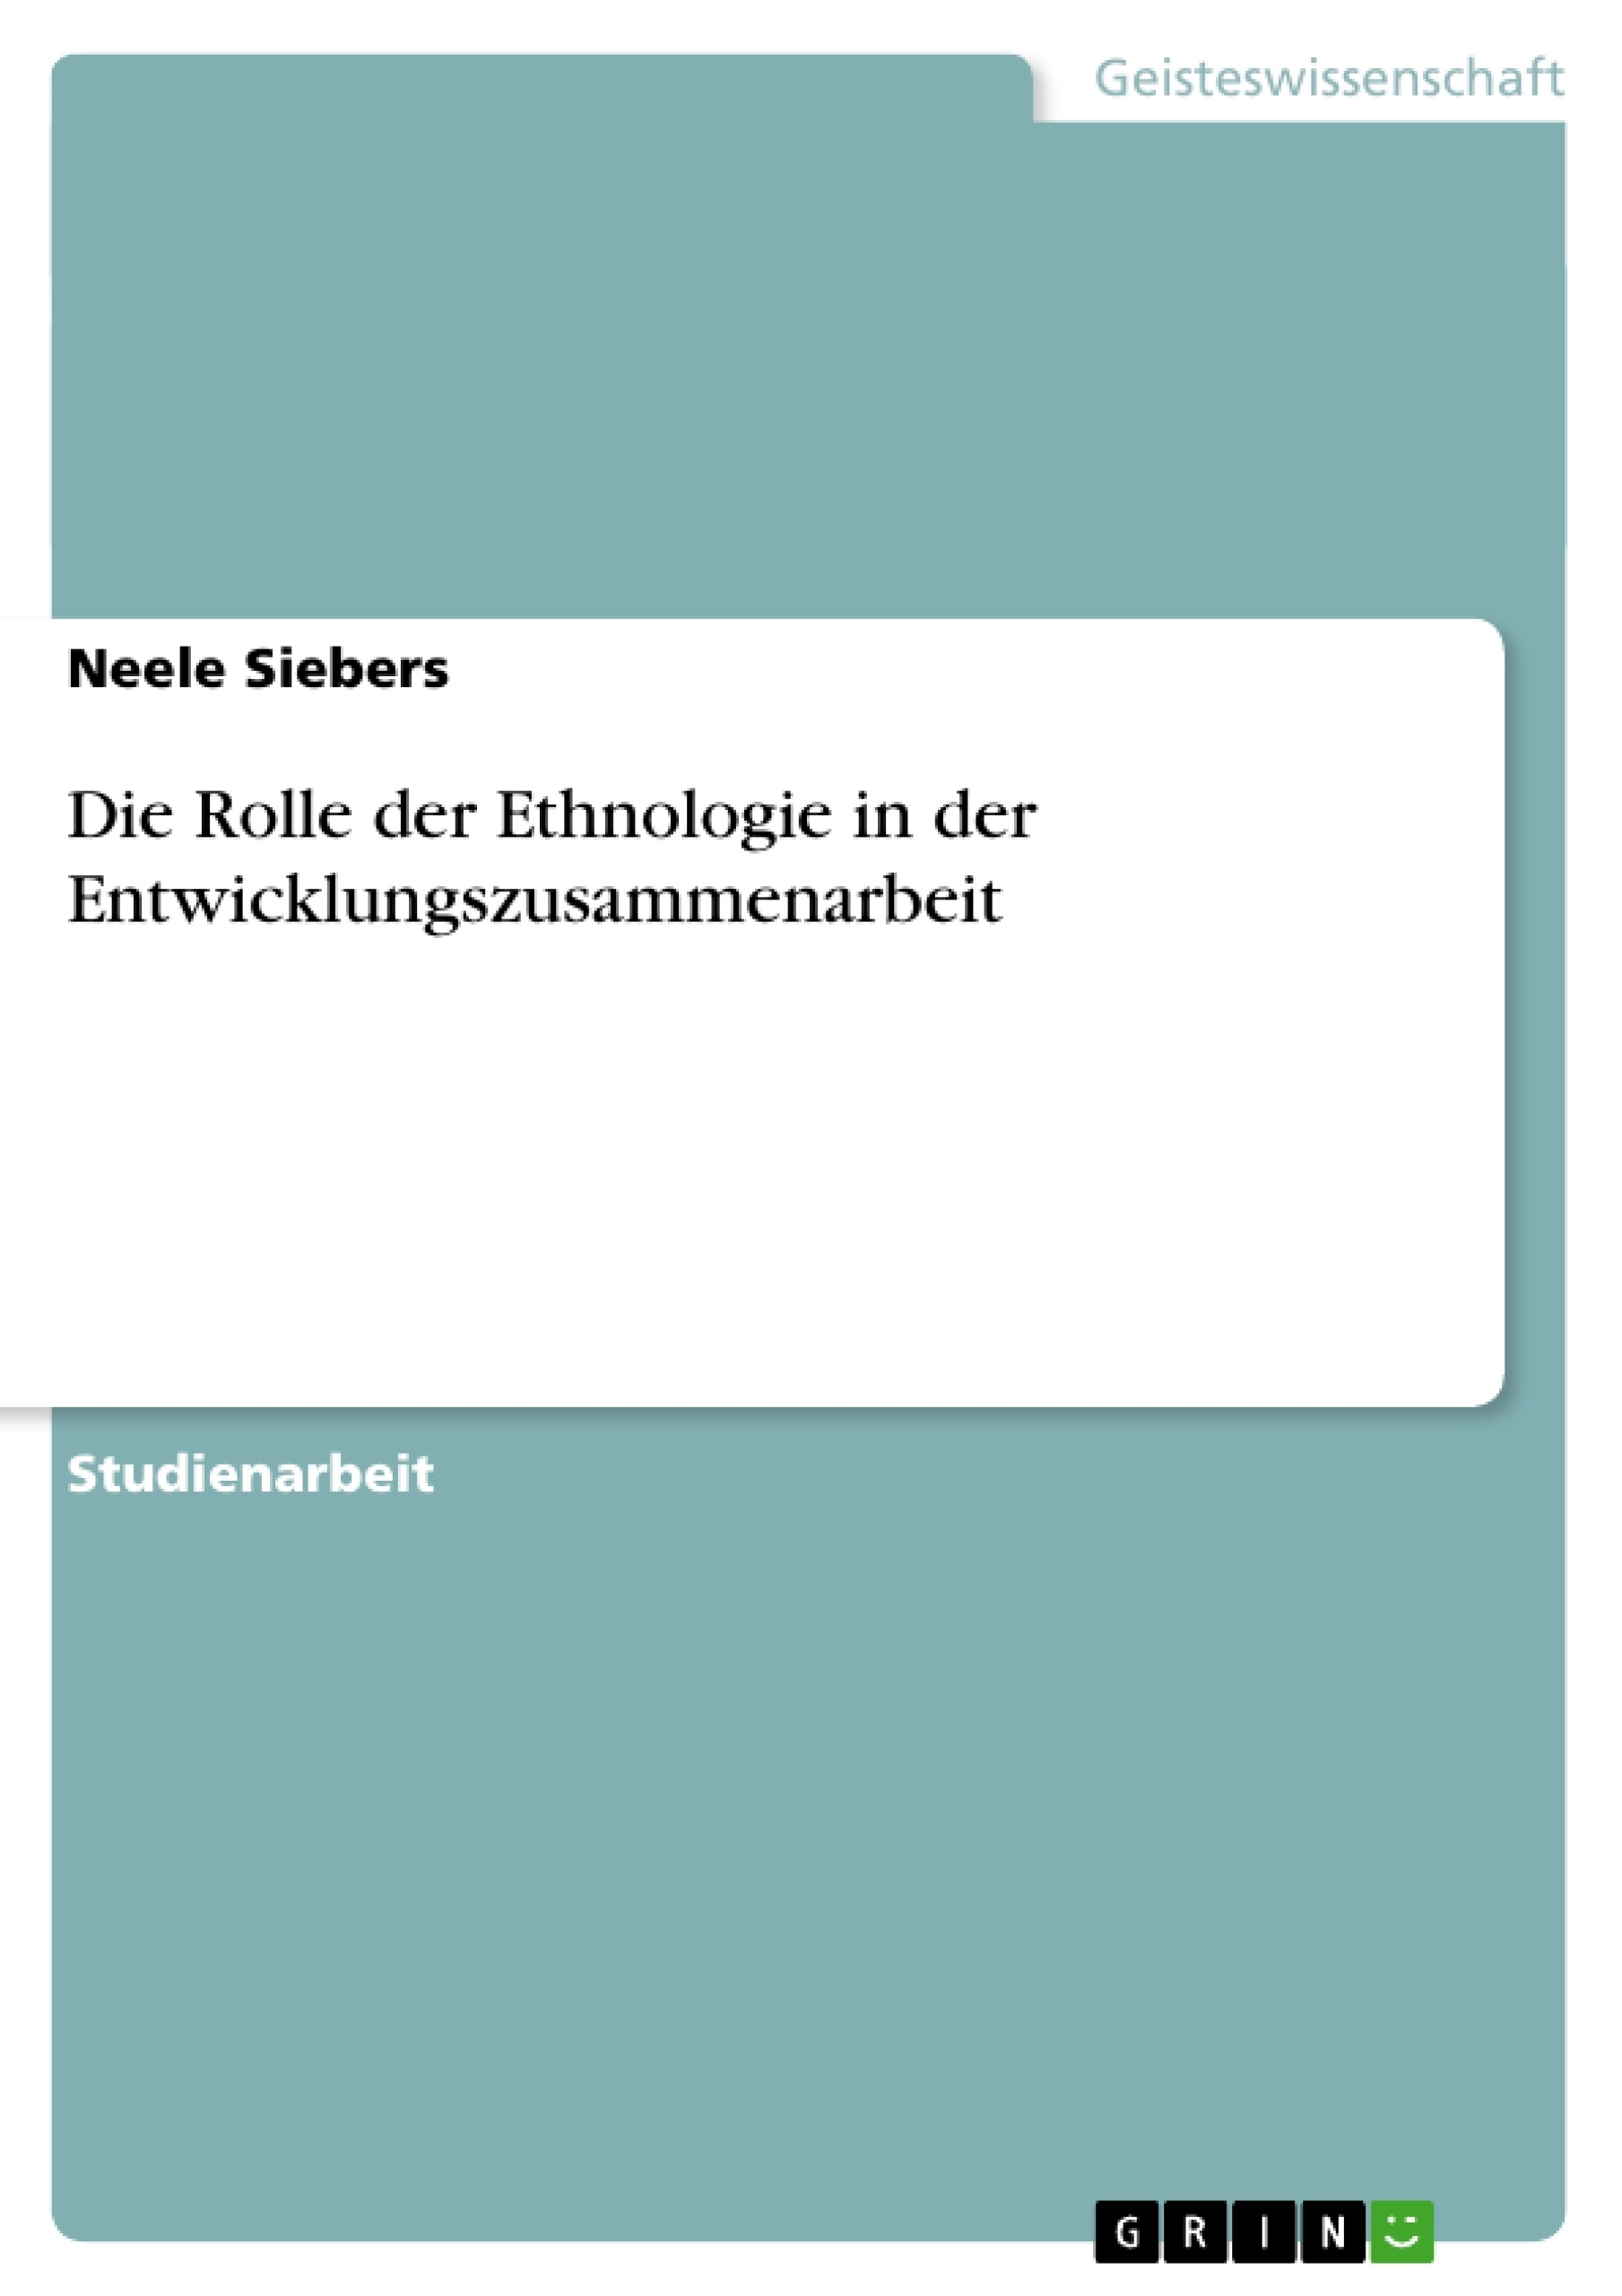 Titel: Die Rolle der Ethnologie in der Entwicklungszusammenarbeit